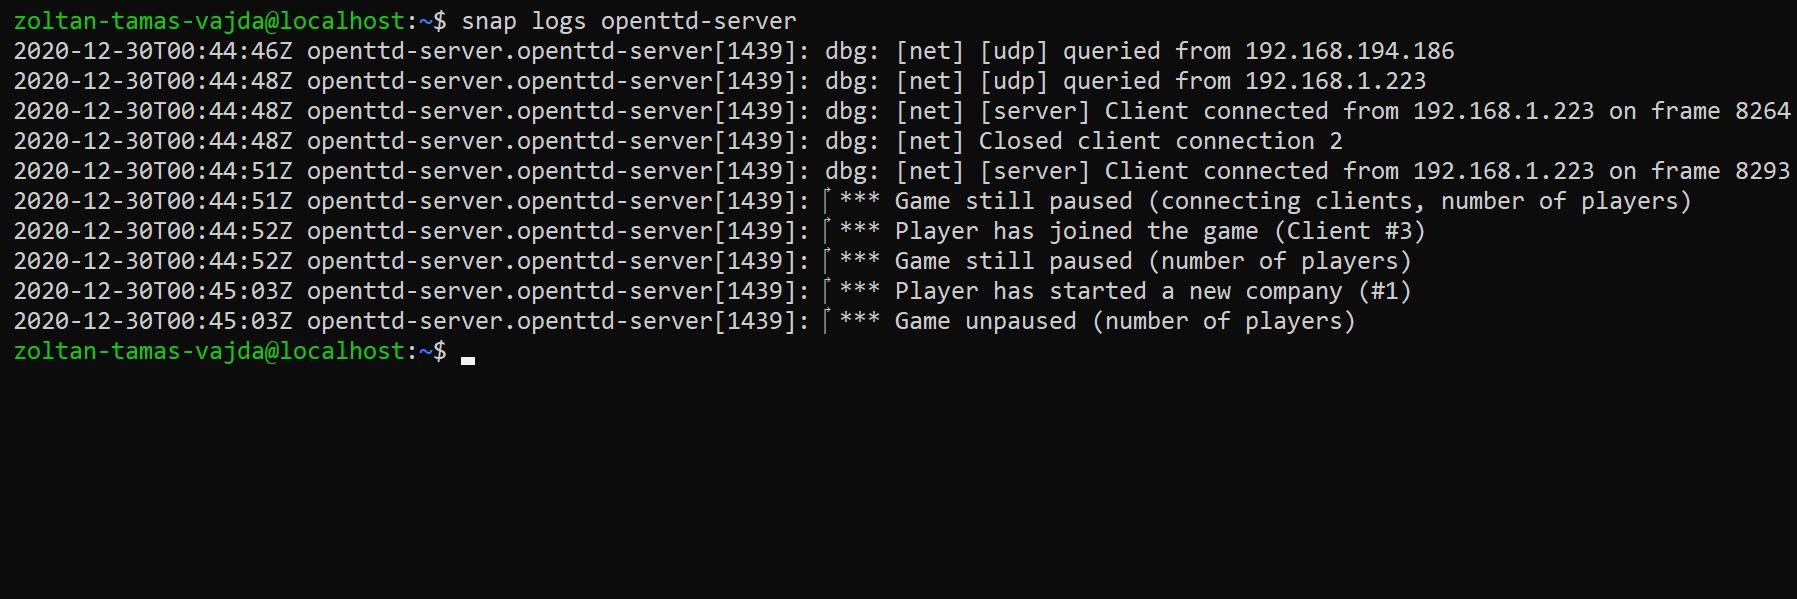 openttd-server banner